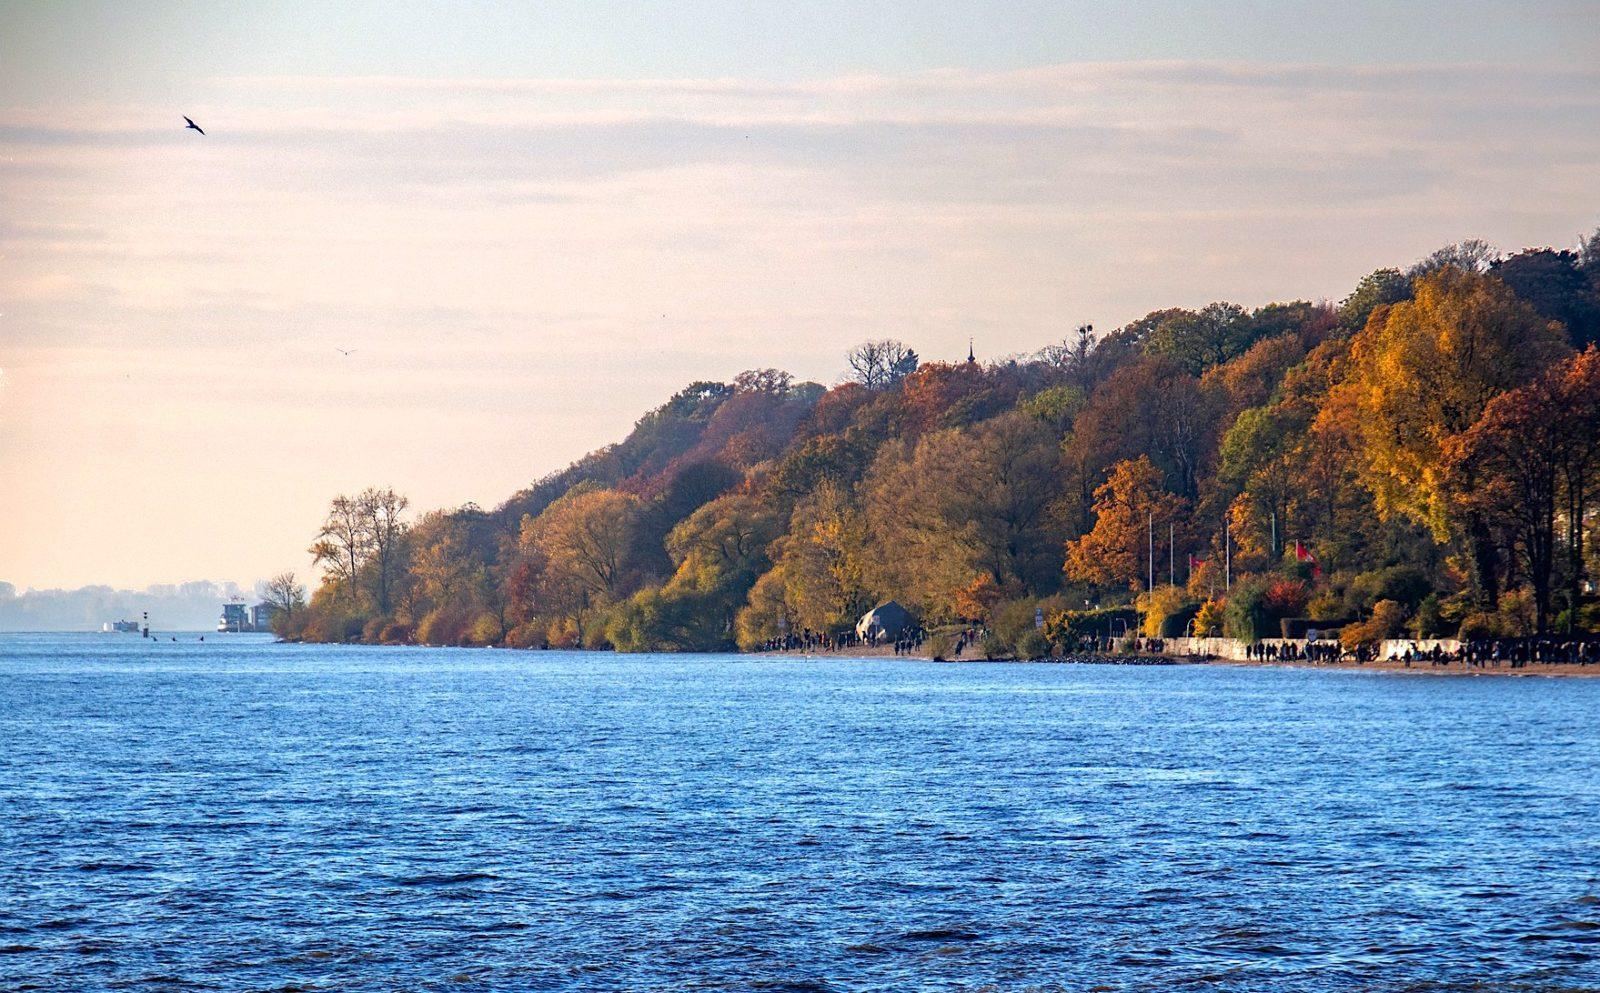 Efterårssejlads: 7 gode grunde til at sejle i efteråret